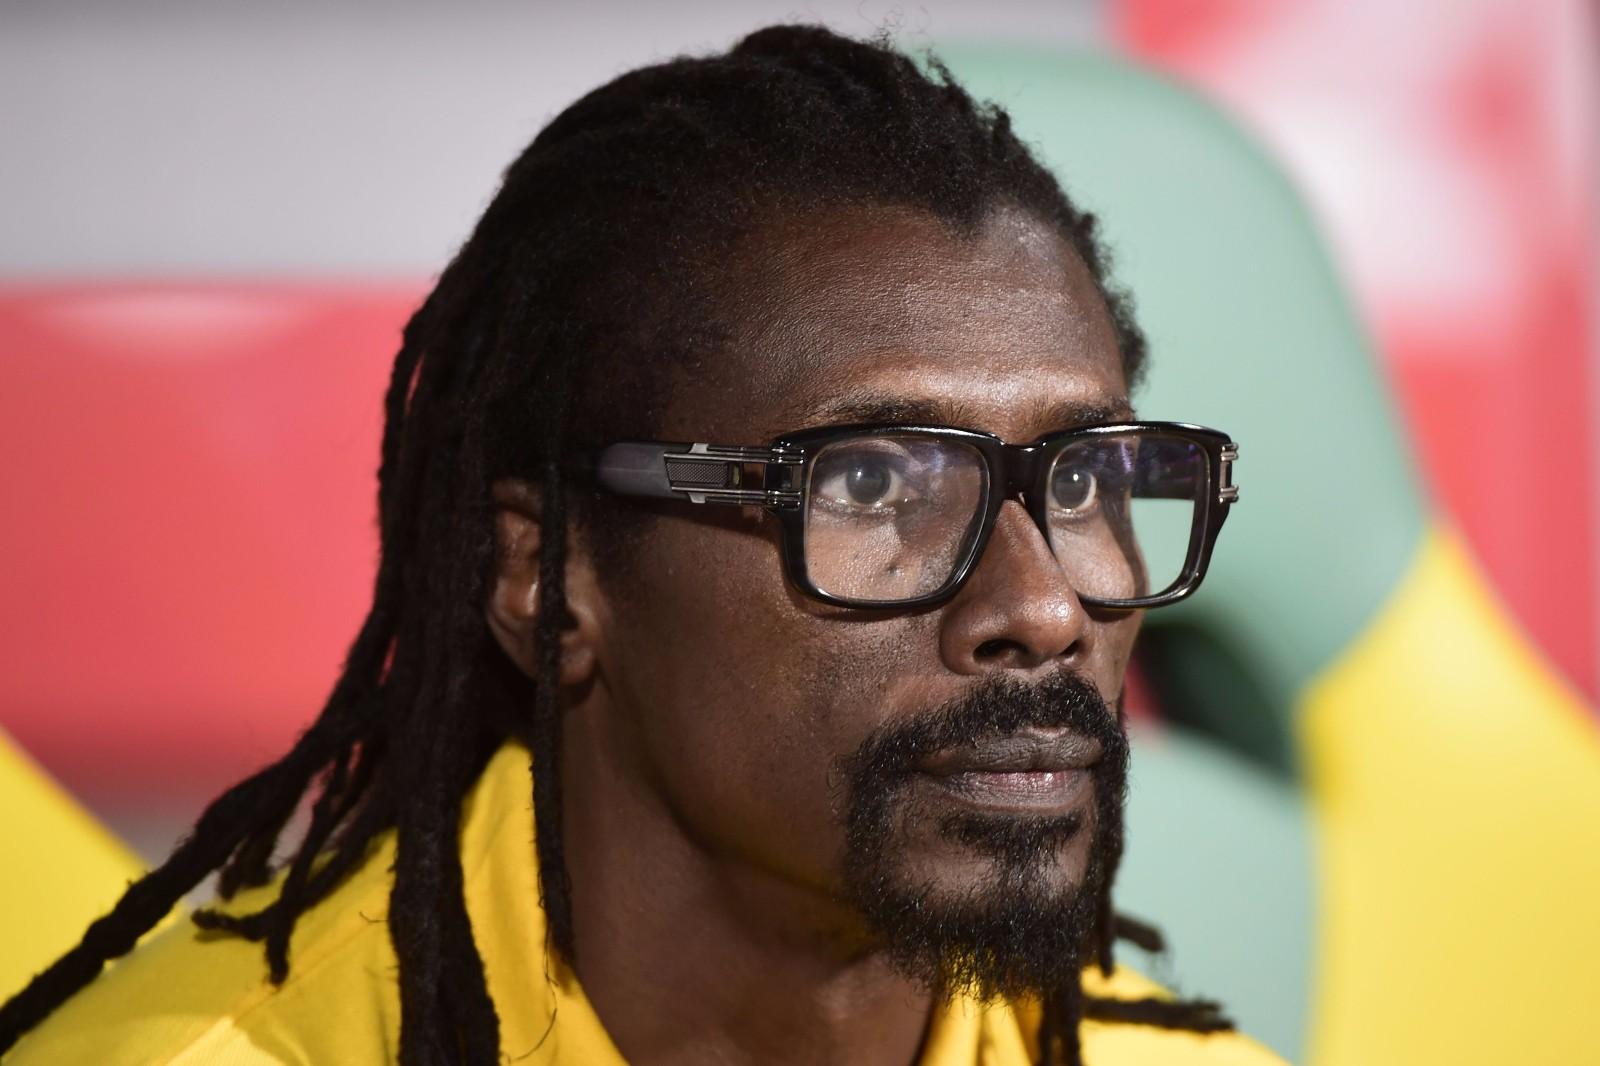 图为2017年1月28日,塞内加尔队主教练西塞在2017年非洲杯四分之一决赛对阵喀麦隆队的比赛中。